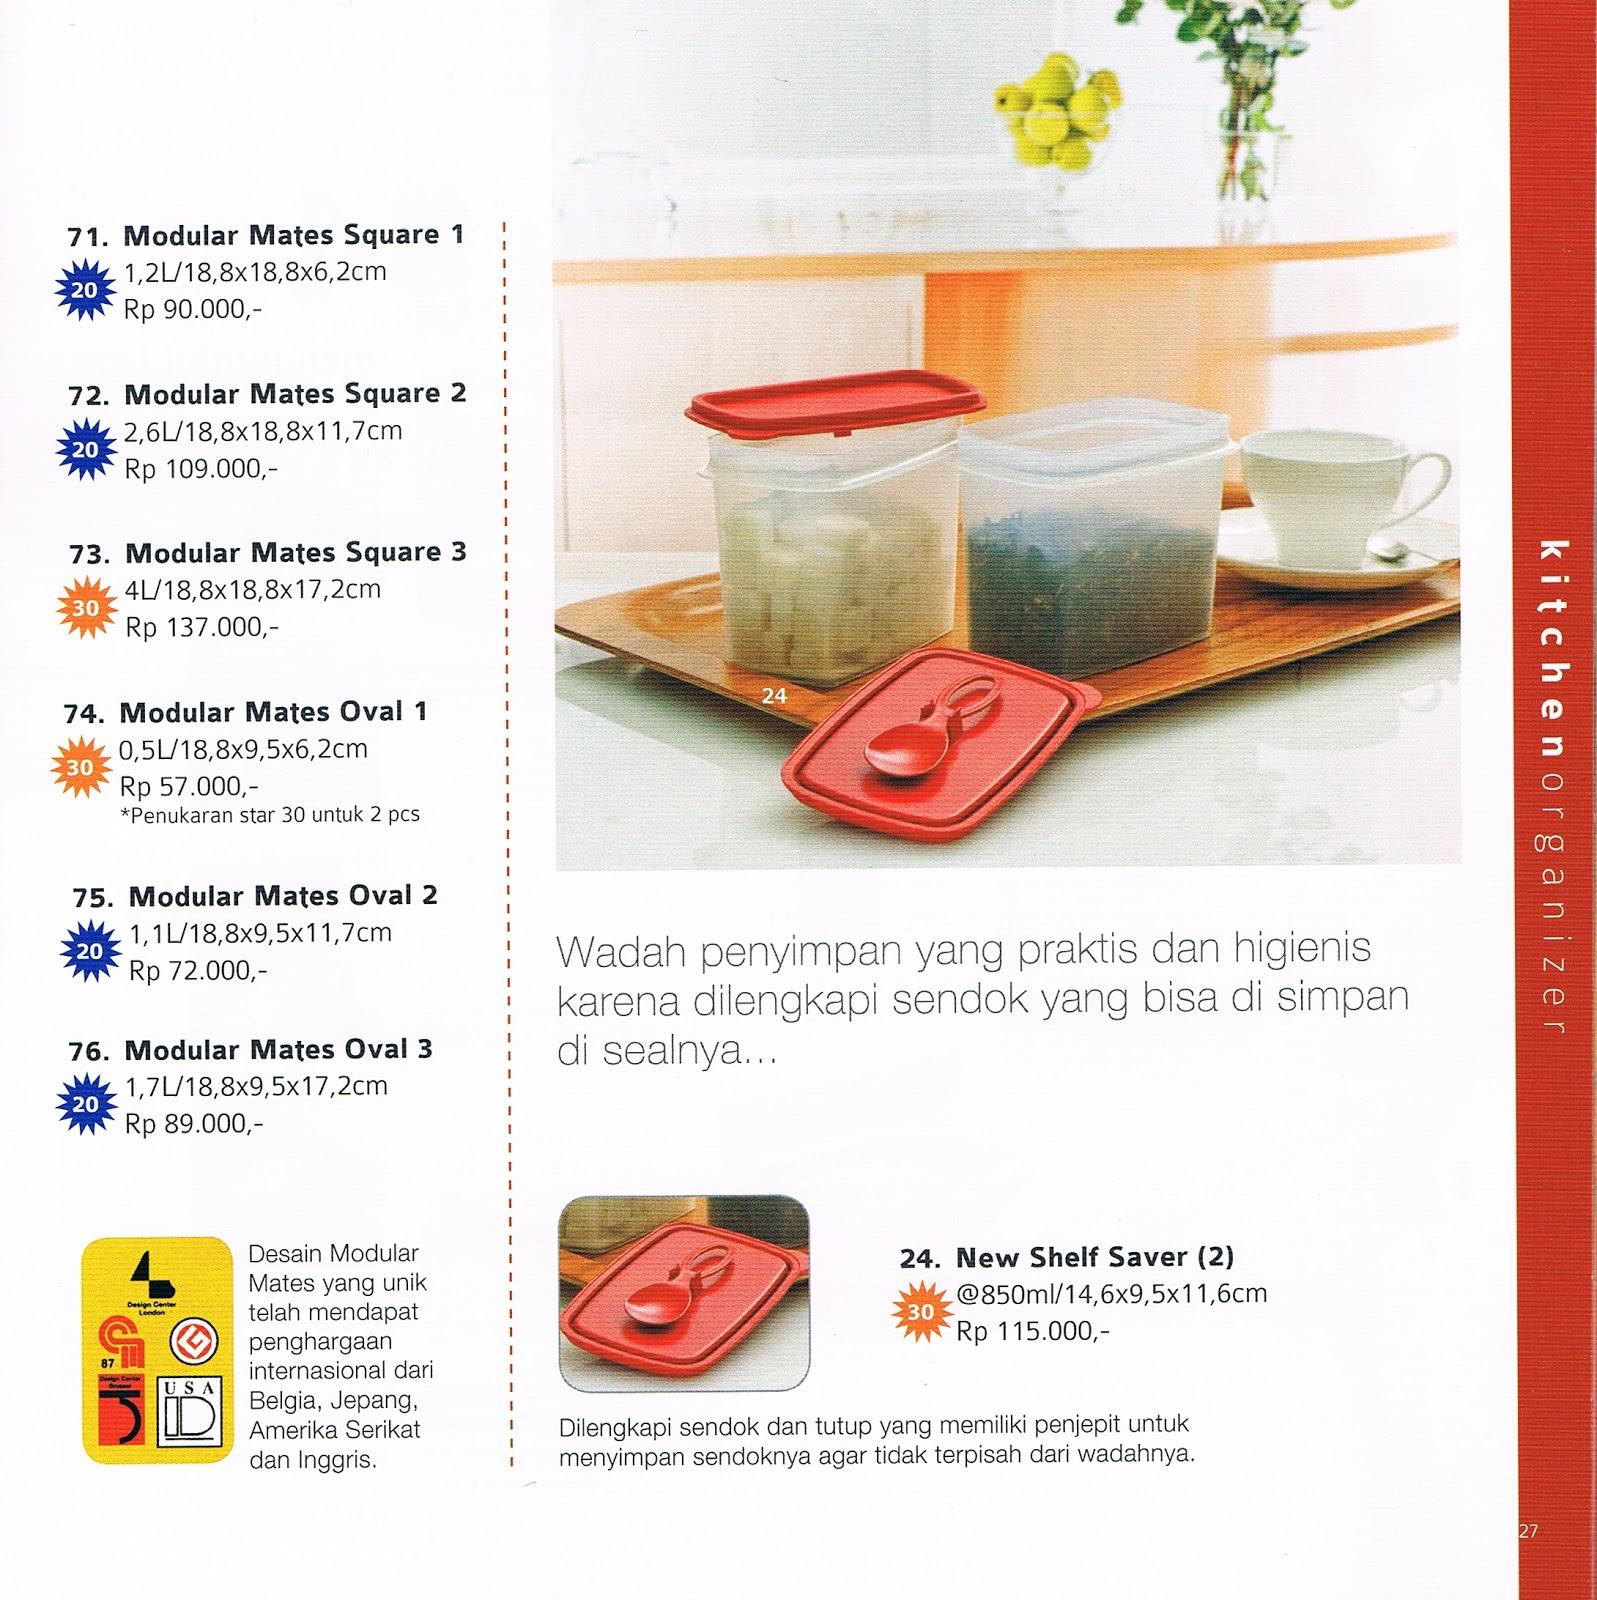 Katalog Reguler Terbaru Tupperware November 2012